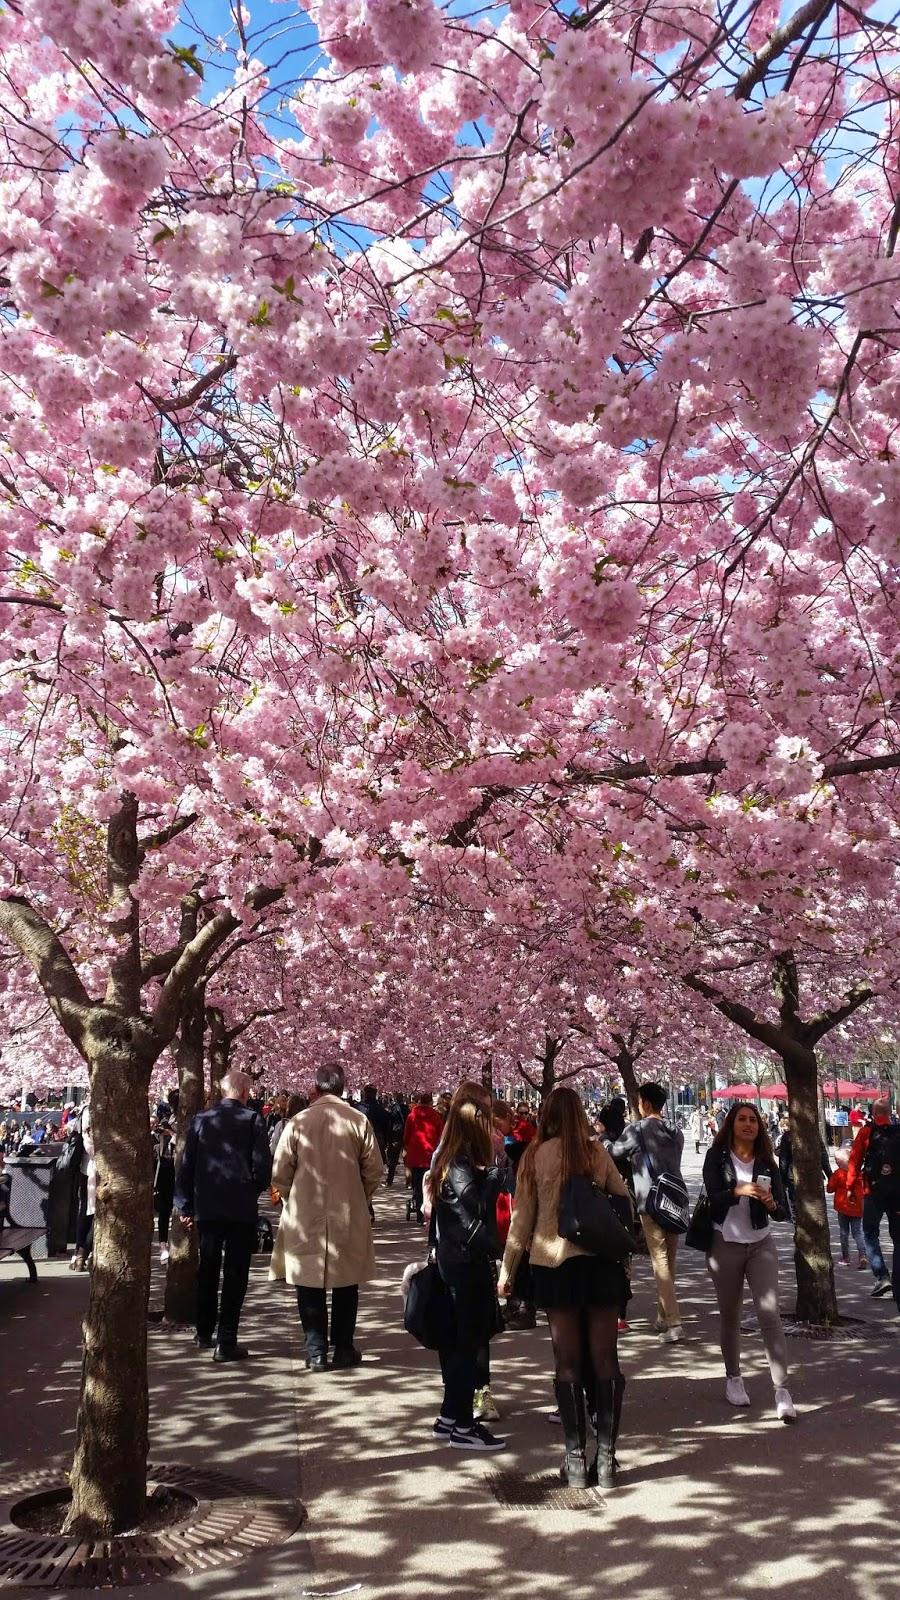 Körsbärsträden i Kungsträdgården, Stockholm